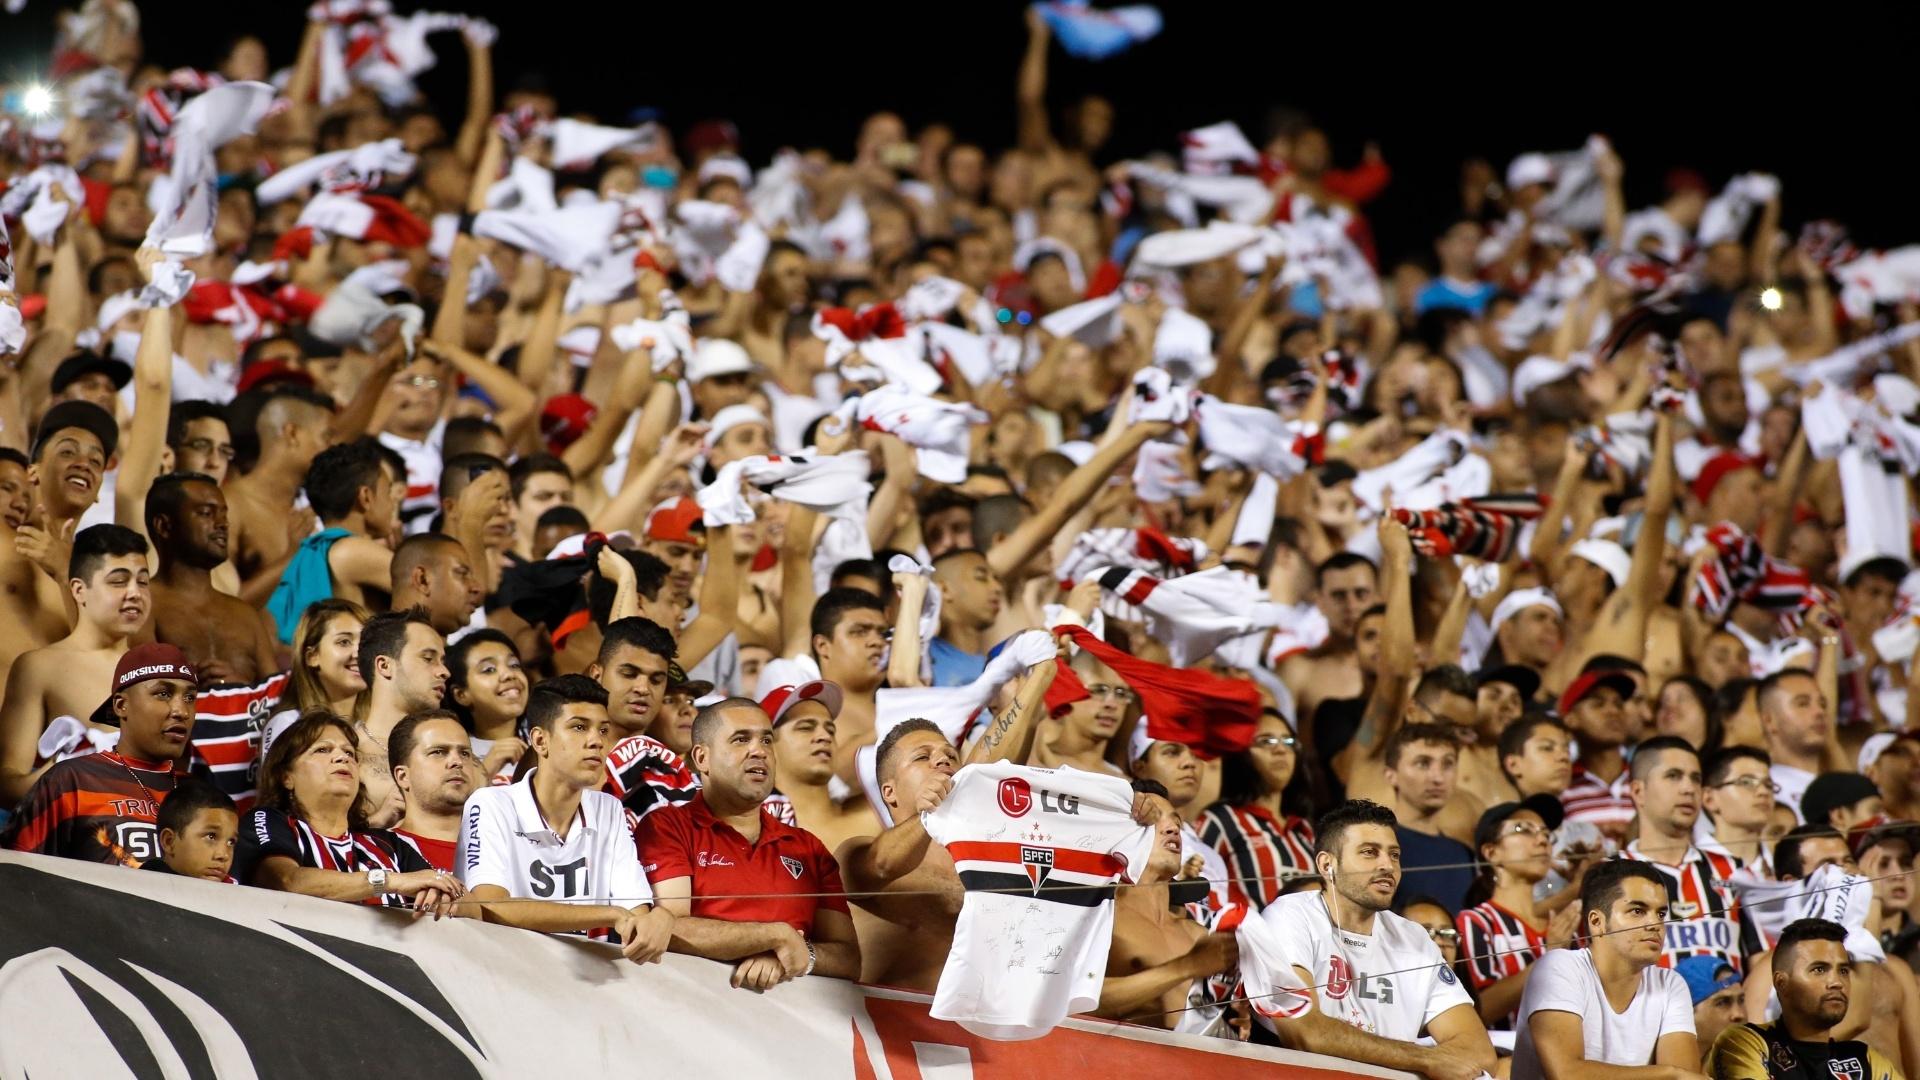 Mais de 20 mil torcedores do São Paulo compareceram ao jogo no Morumbi